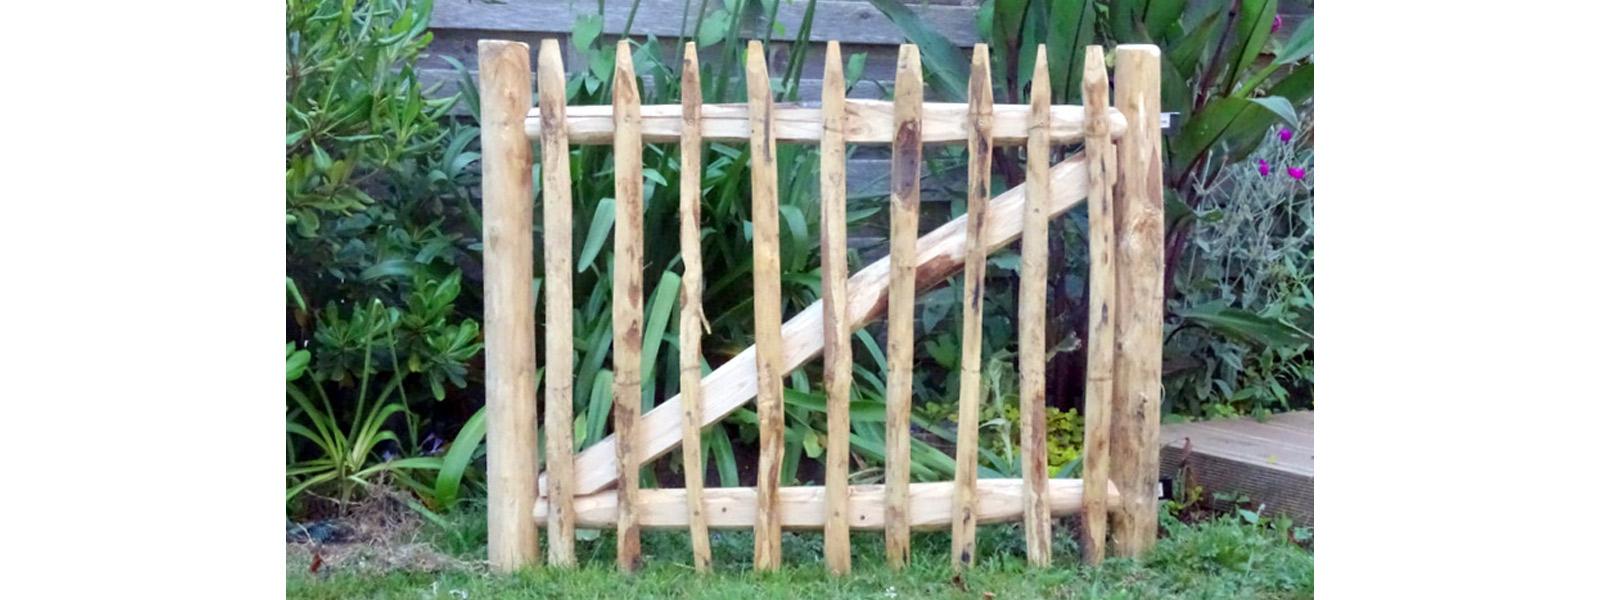 Portillons En Bois De Châtaignier - Création Bretagne Sarzeau concernant Portillon De Jardin En Bois